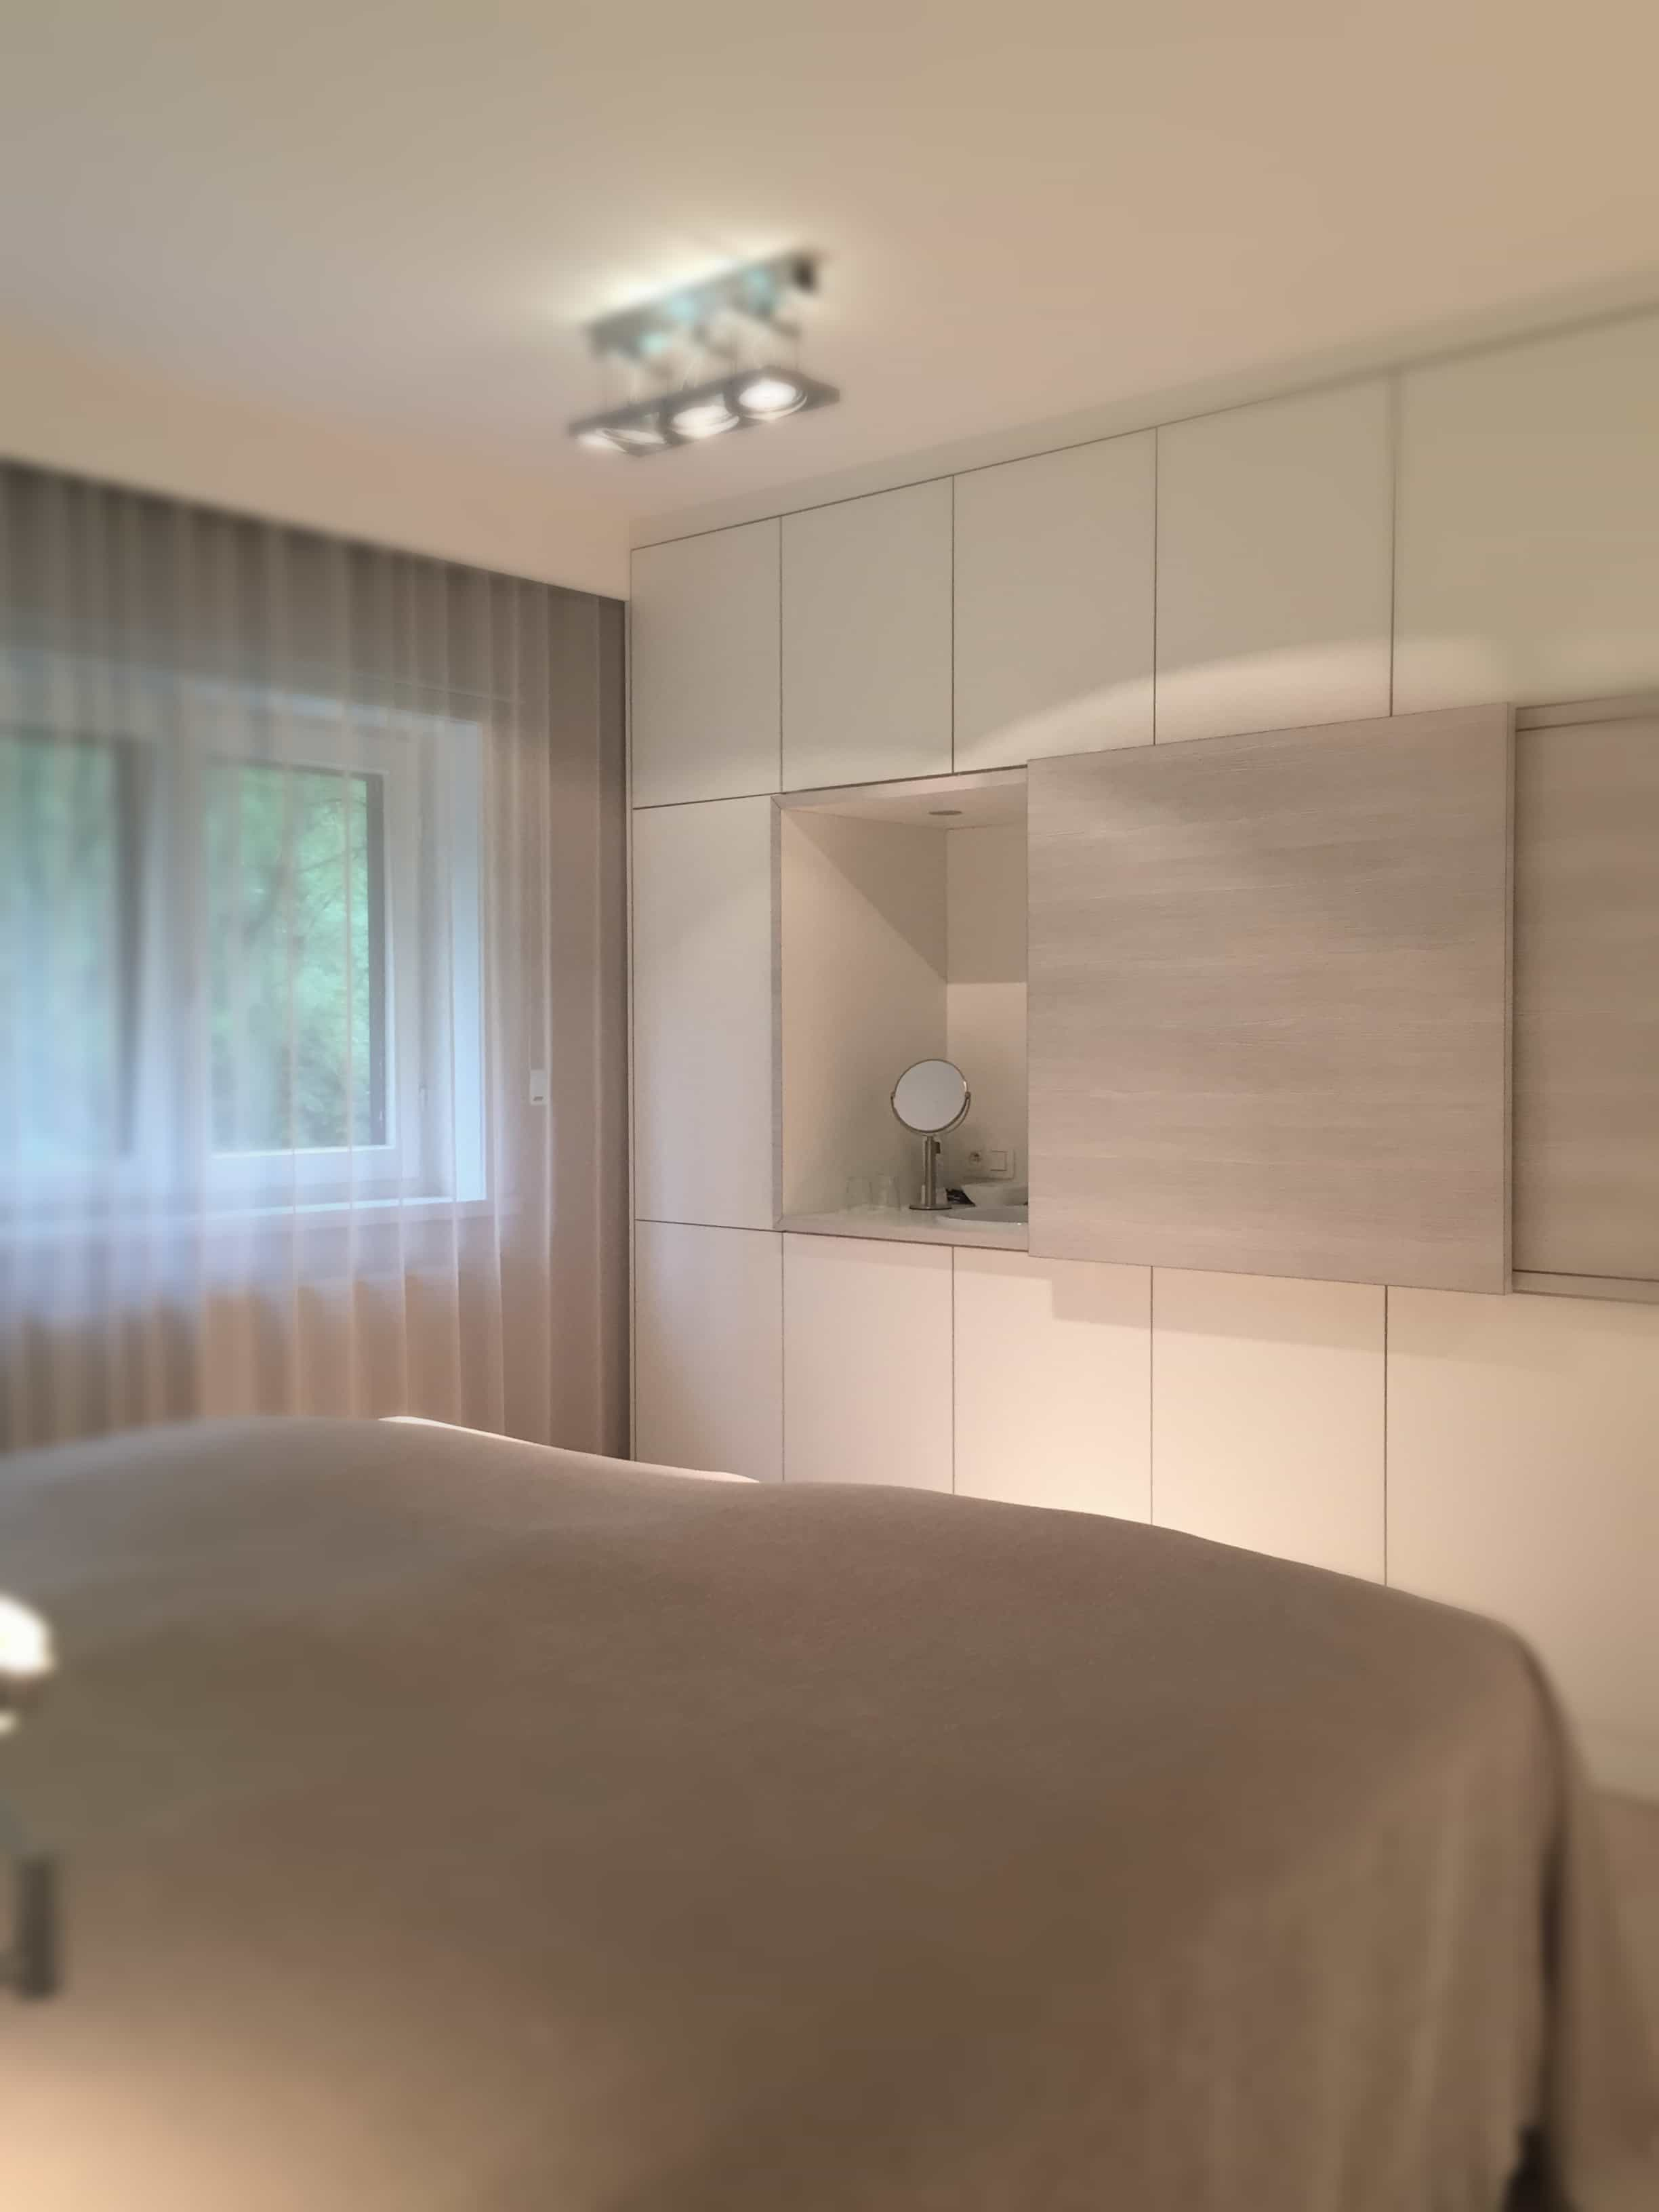 slaapkamerkast slaapkamer ontwerpen in Beringen